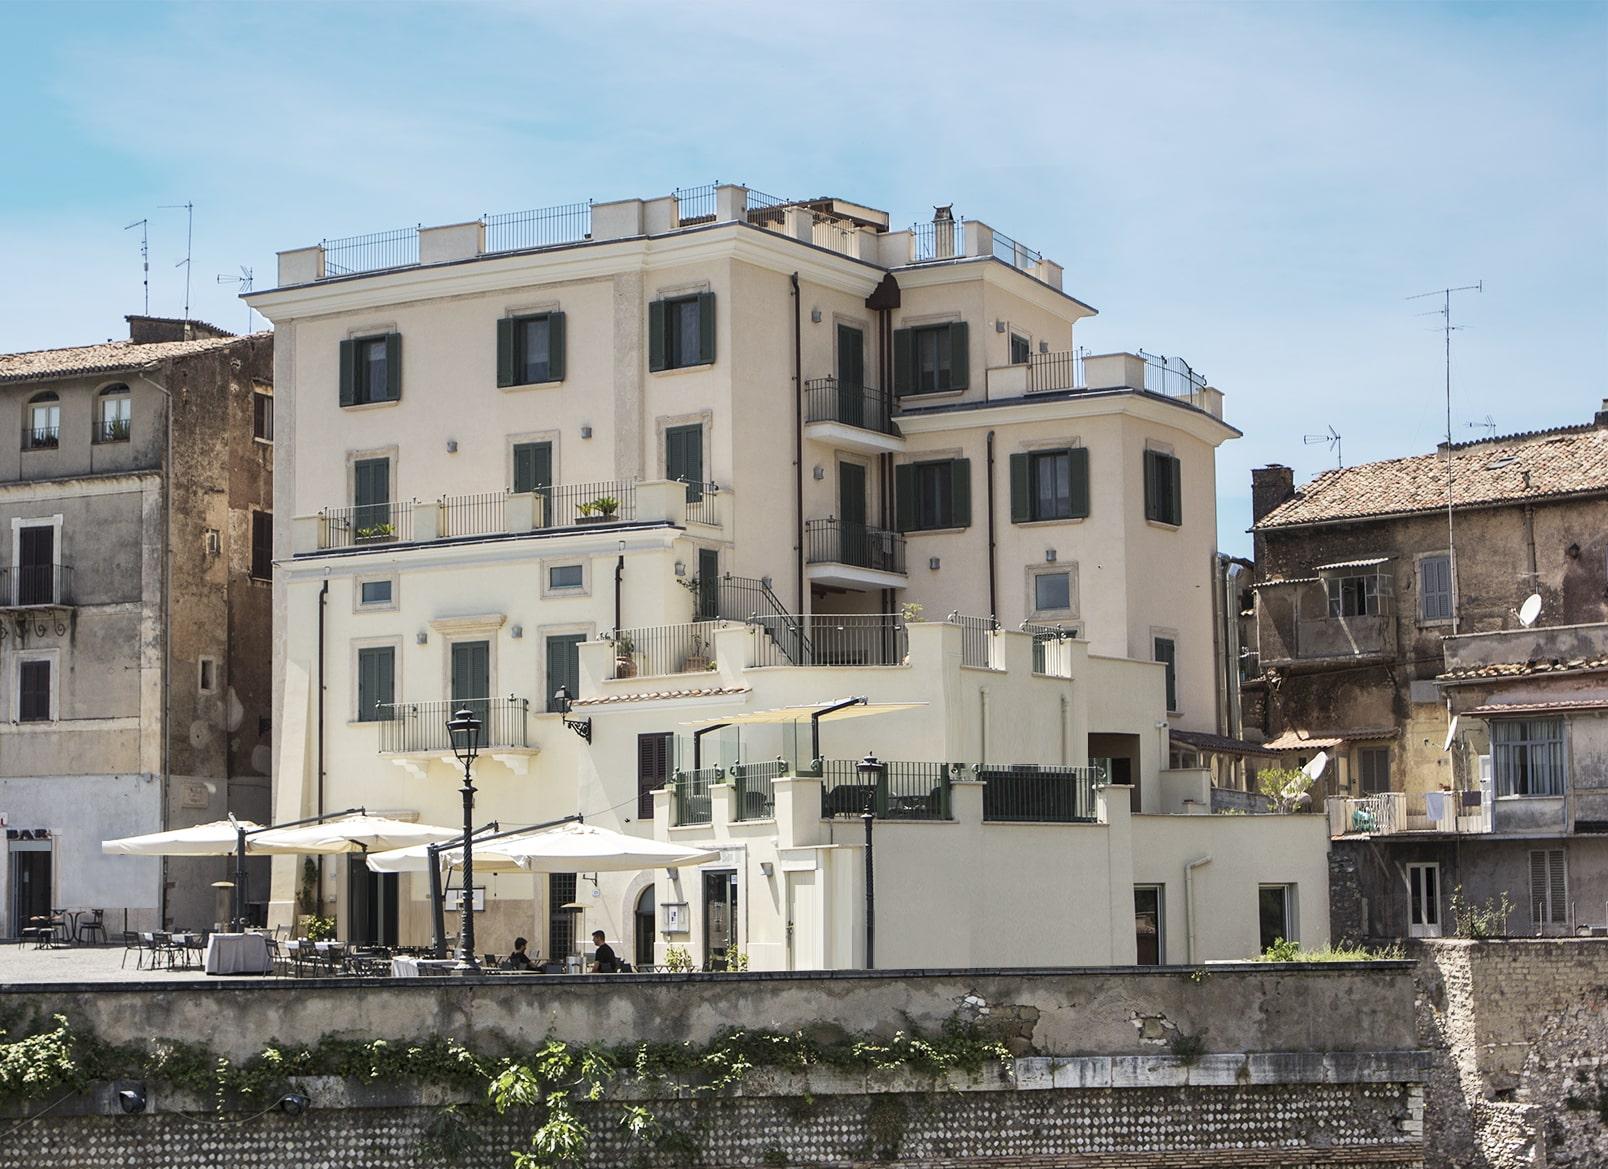 Sparch_Tivoli_Palazzo Piazza Rivarola (Sibilla) - Post 2